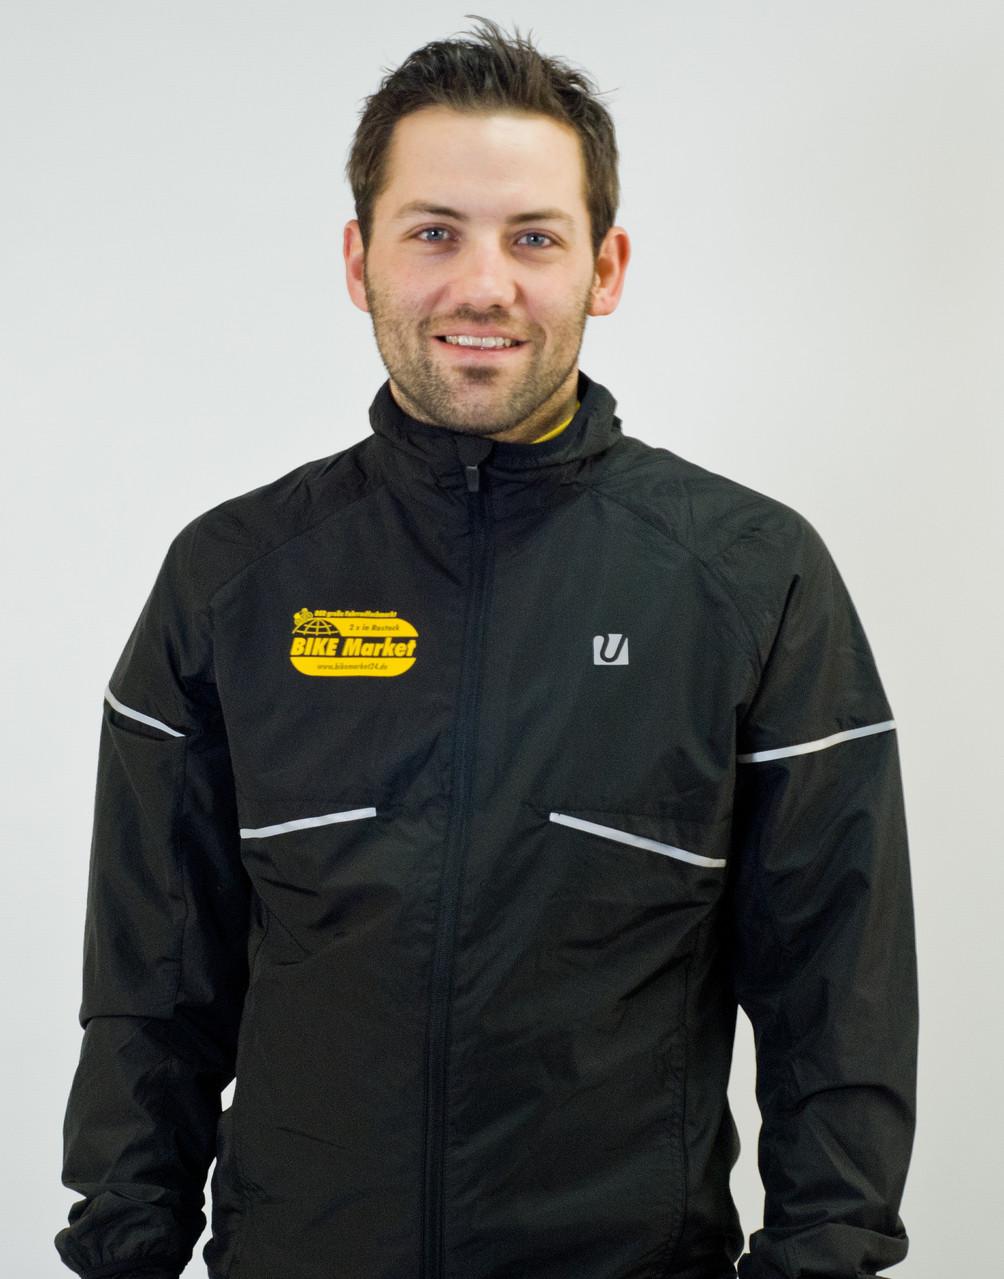 Marcel Seidel ist Fahrer und Teil des Managements im BIKE Market Team